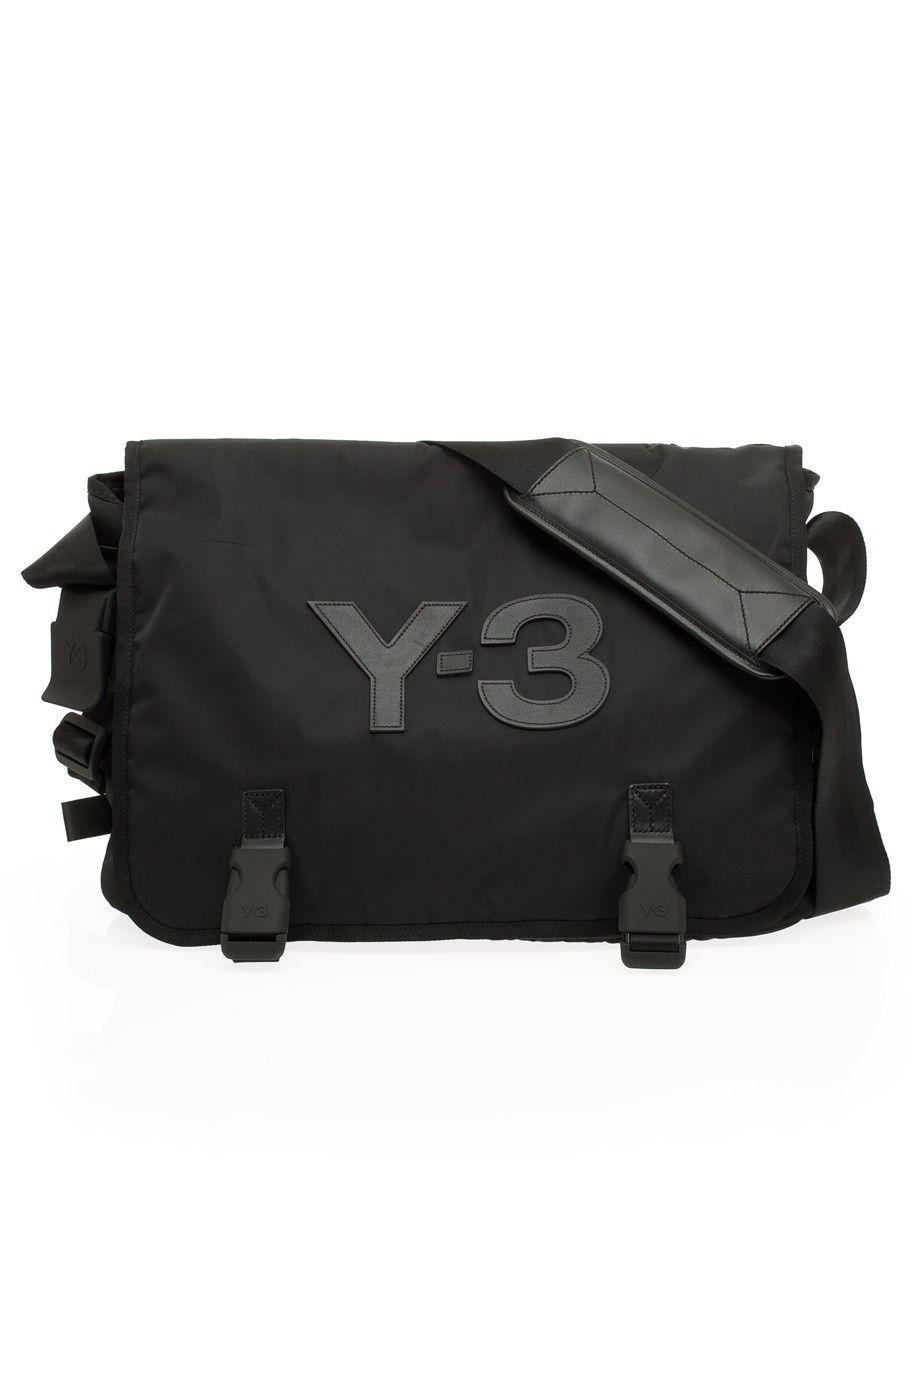 Y3 BAGS - Sök på Google